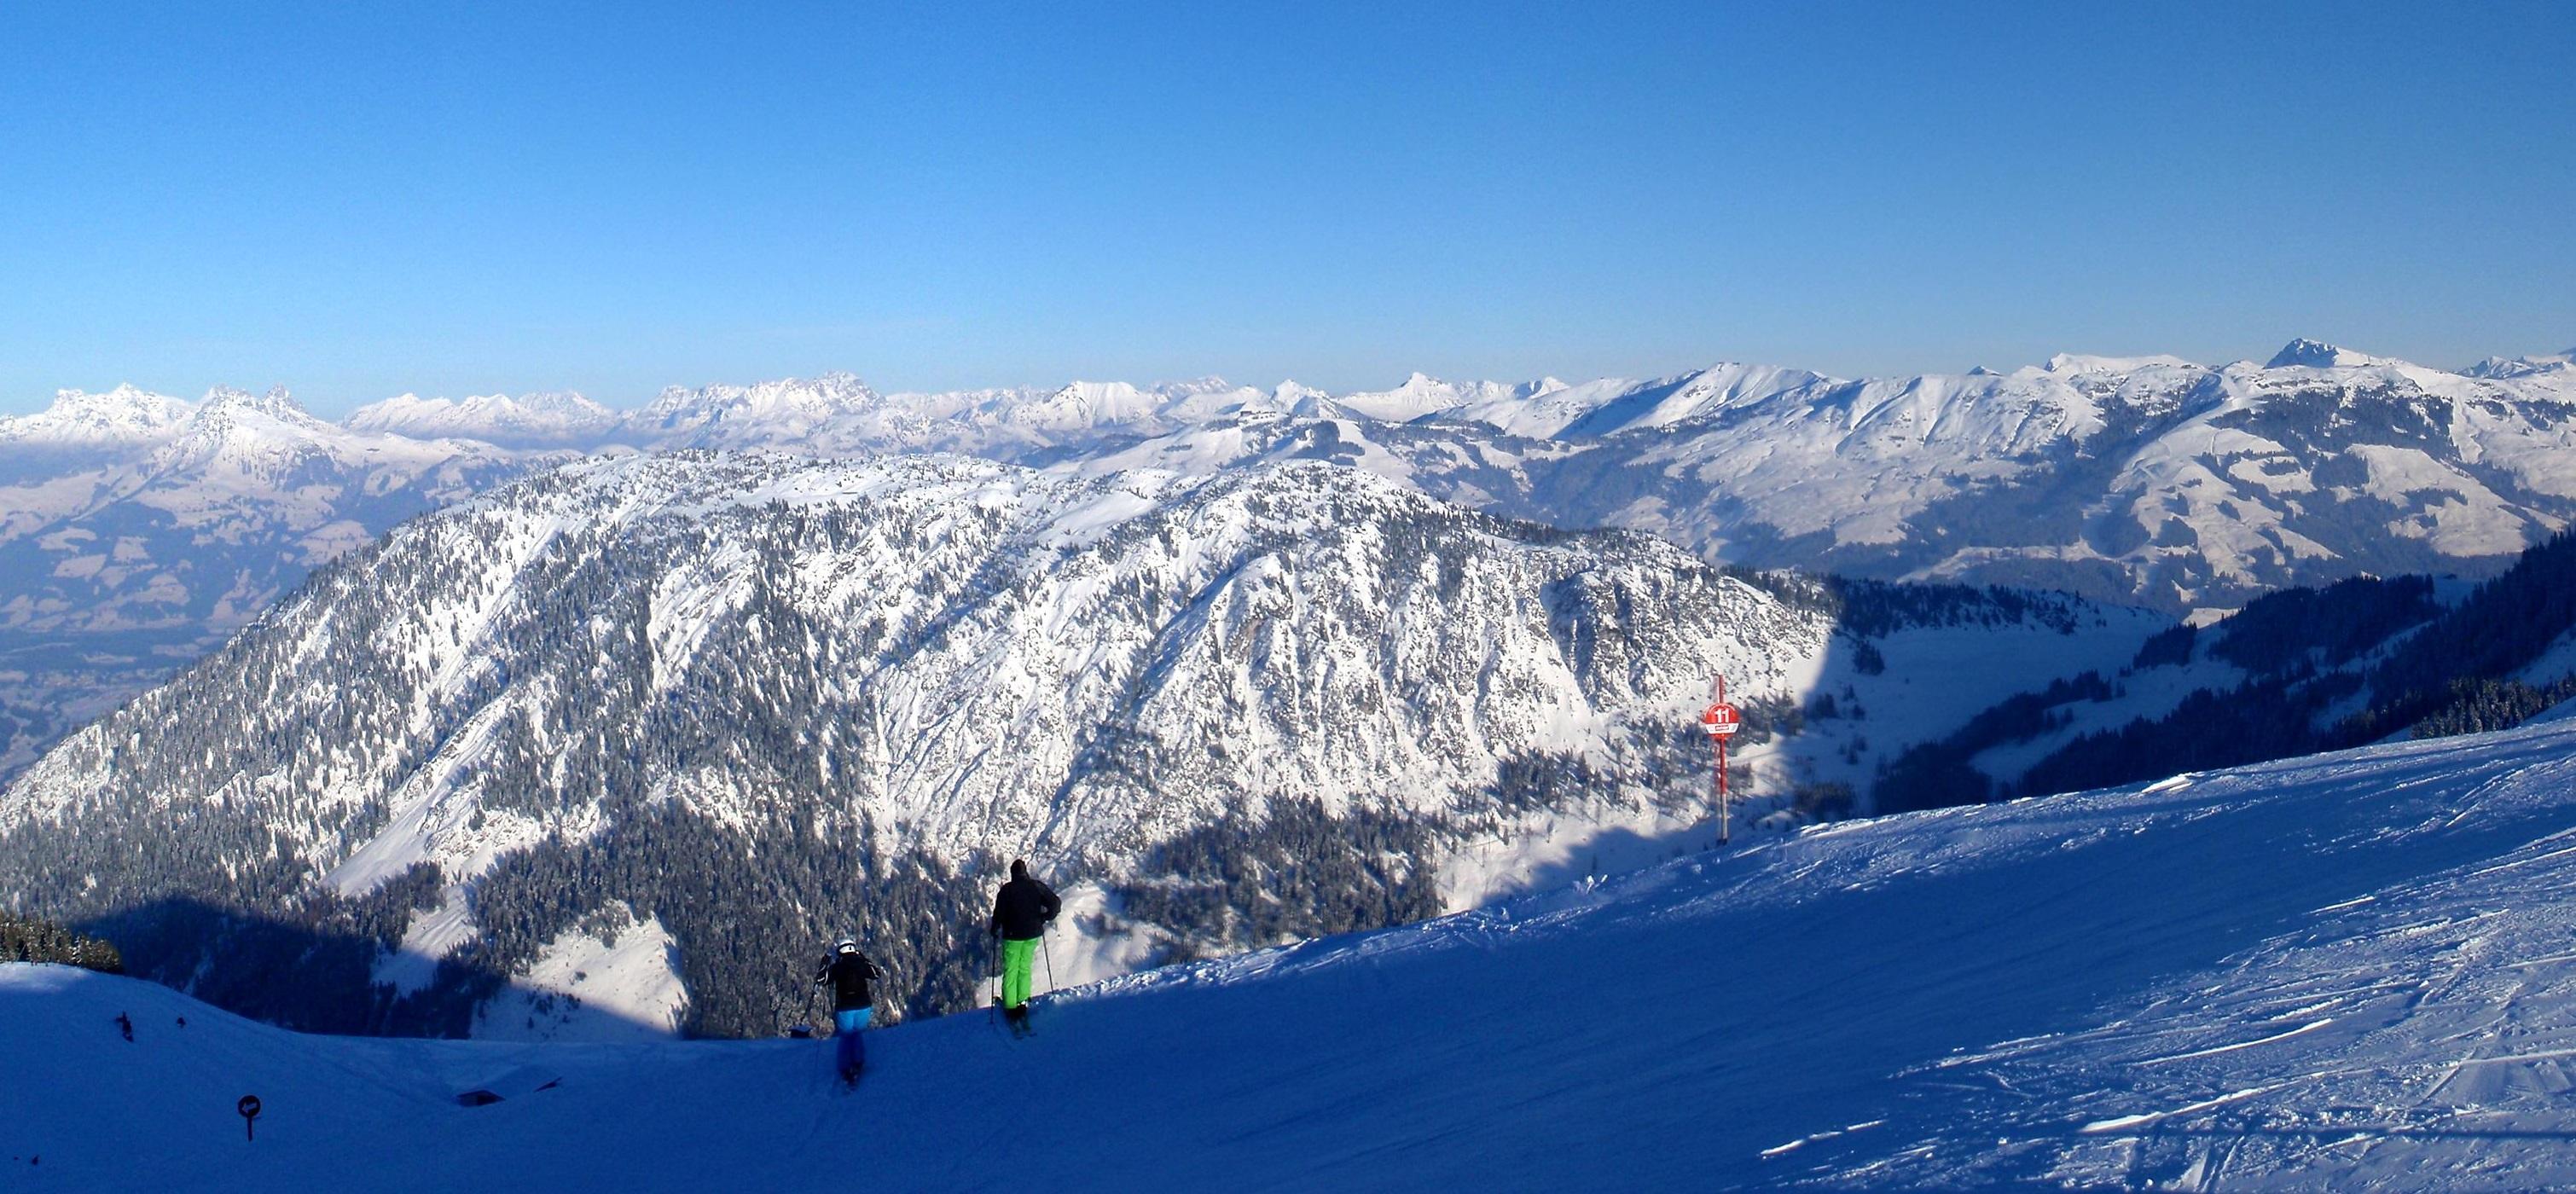 Najlepsze miejsca na narty w Austrii 2019/2020. Przegląd austriackich perełek narciarskich.